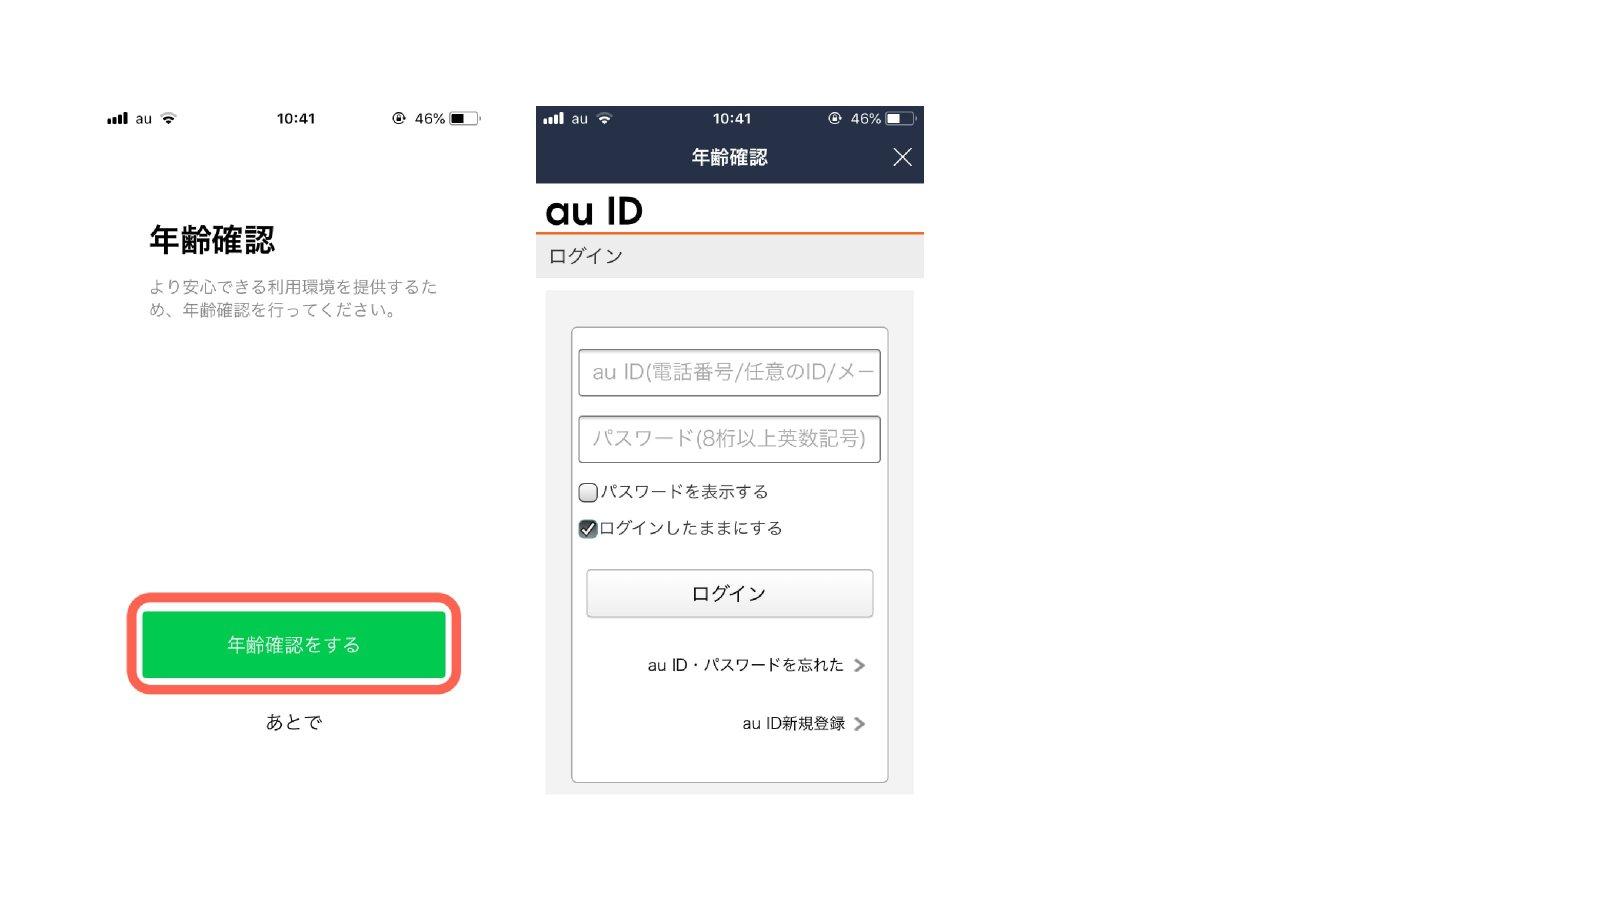 年齢 確認 id Line